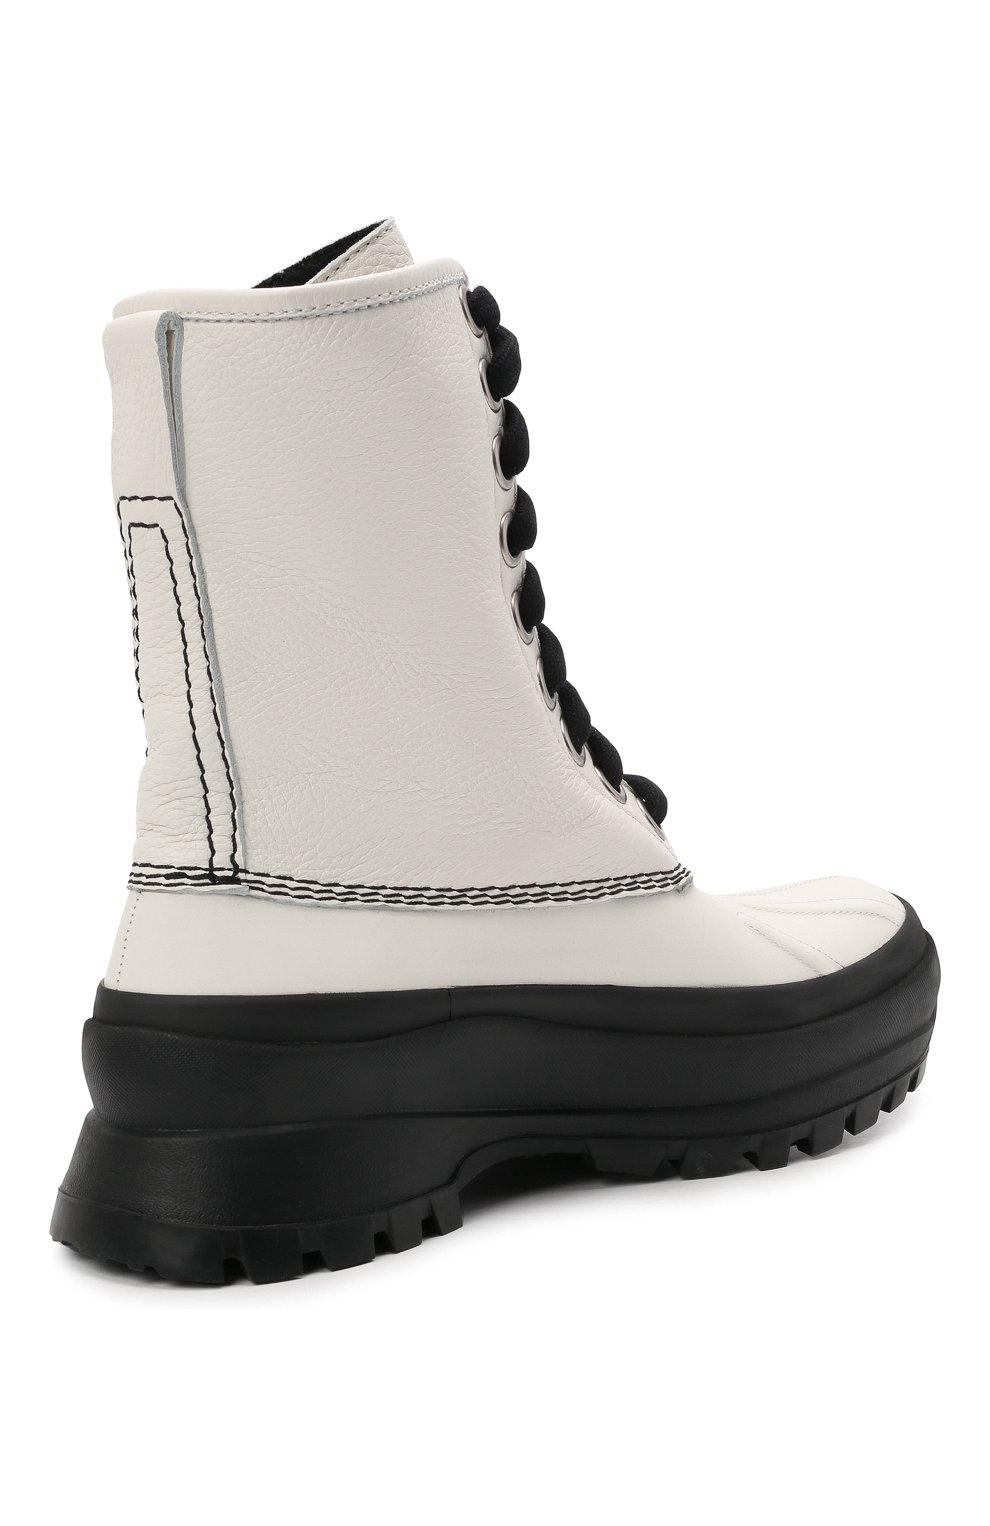 Женские кожаные ботинки JIL SANDER белого цвета, арт. JP37003A-14502 | Фото 5 (Подошва: Платформа; Каблук высота: Низкий; Женское Кросс-КТ: Военные ботинки; Материал внутренний: Текстиль)